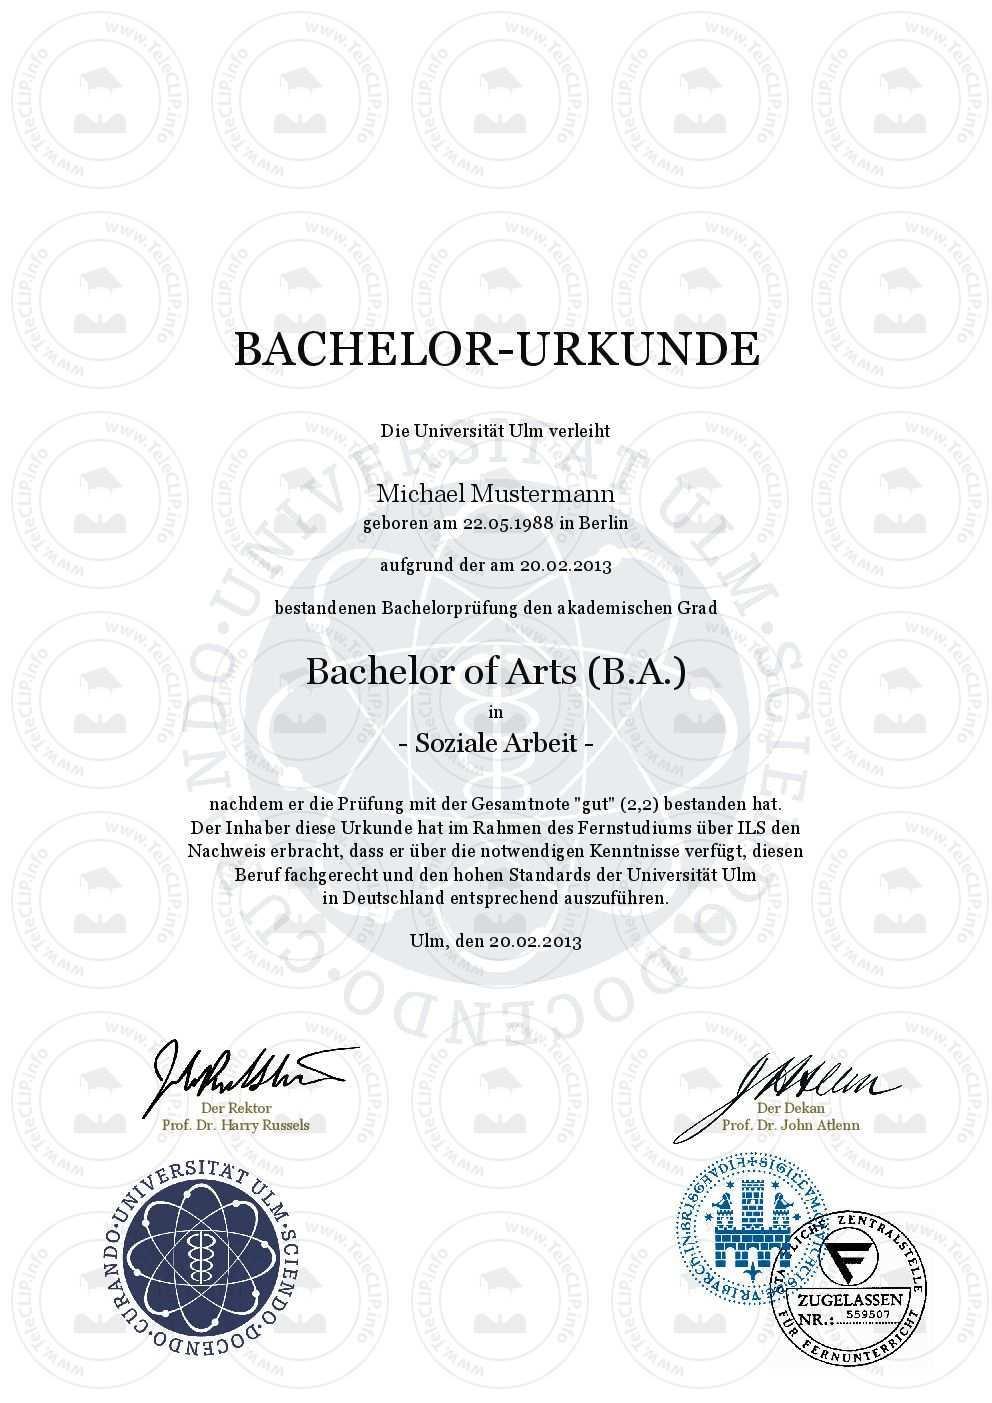 Bachelor Urkunde Universitat Ulm In Einer Rangliste Der Besten Universitaten Weltweit Bachelor Urkunde Einfach Online Kaufen Universit Bachelor Urkunde Master